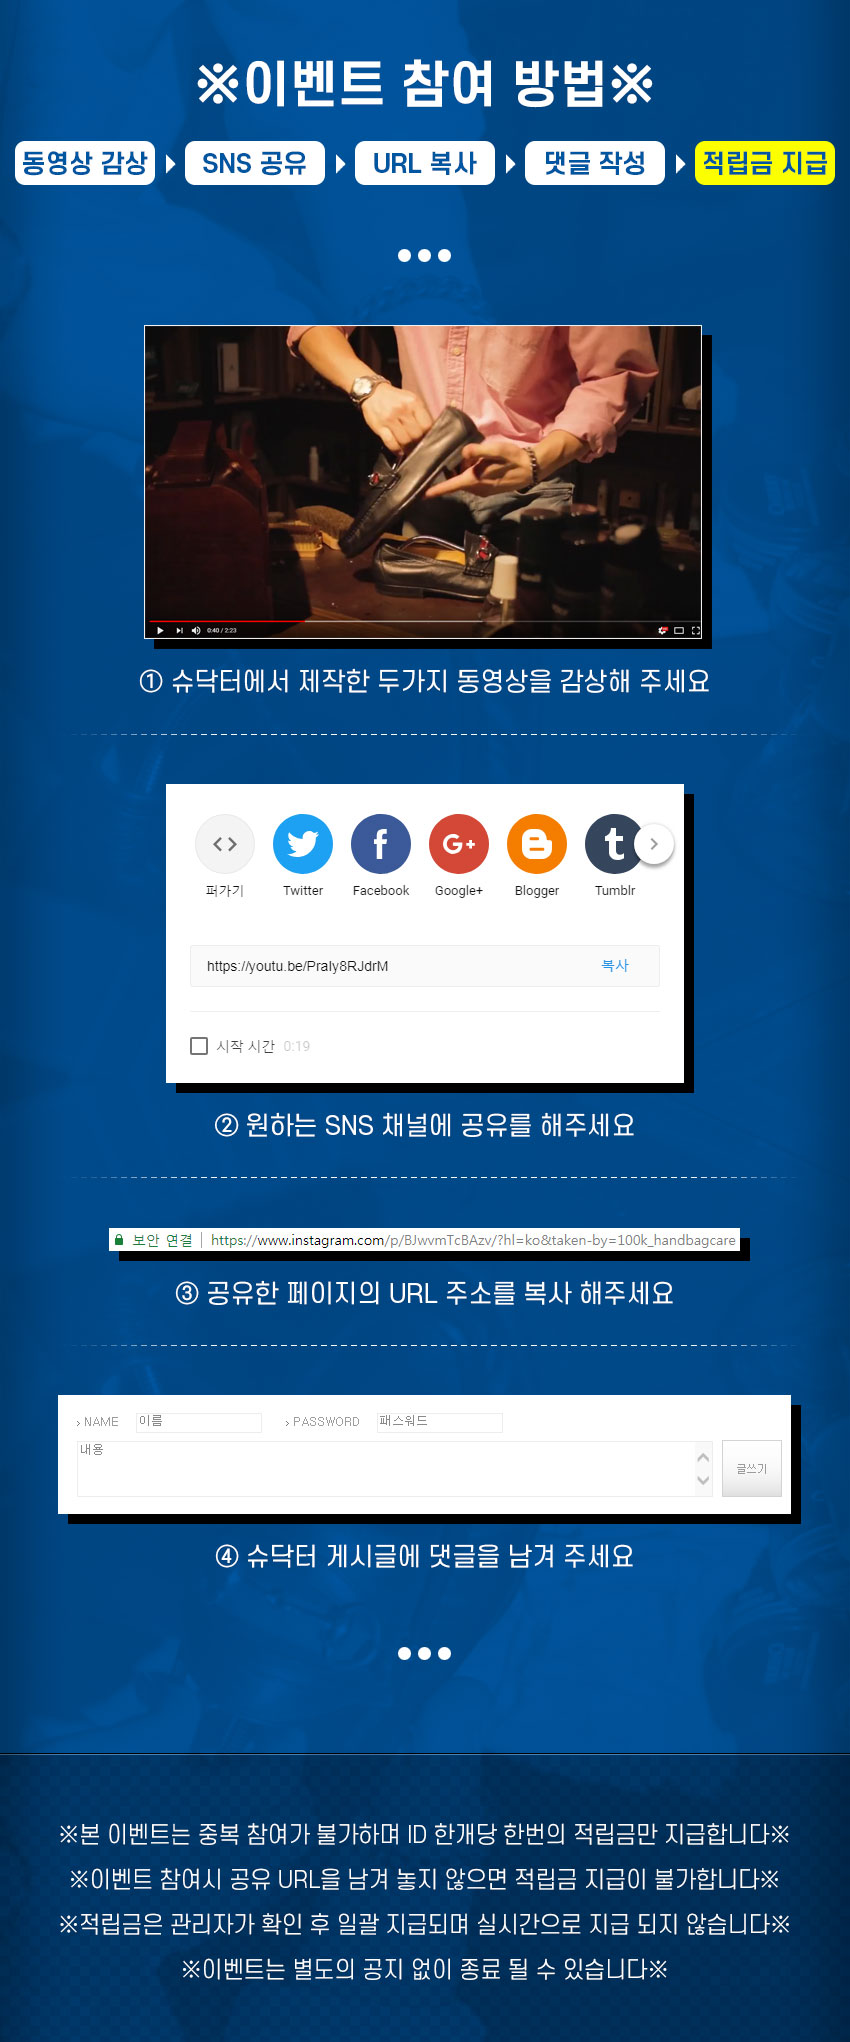 sns 동영상 공유 이벤트